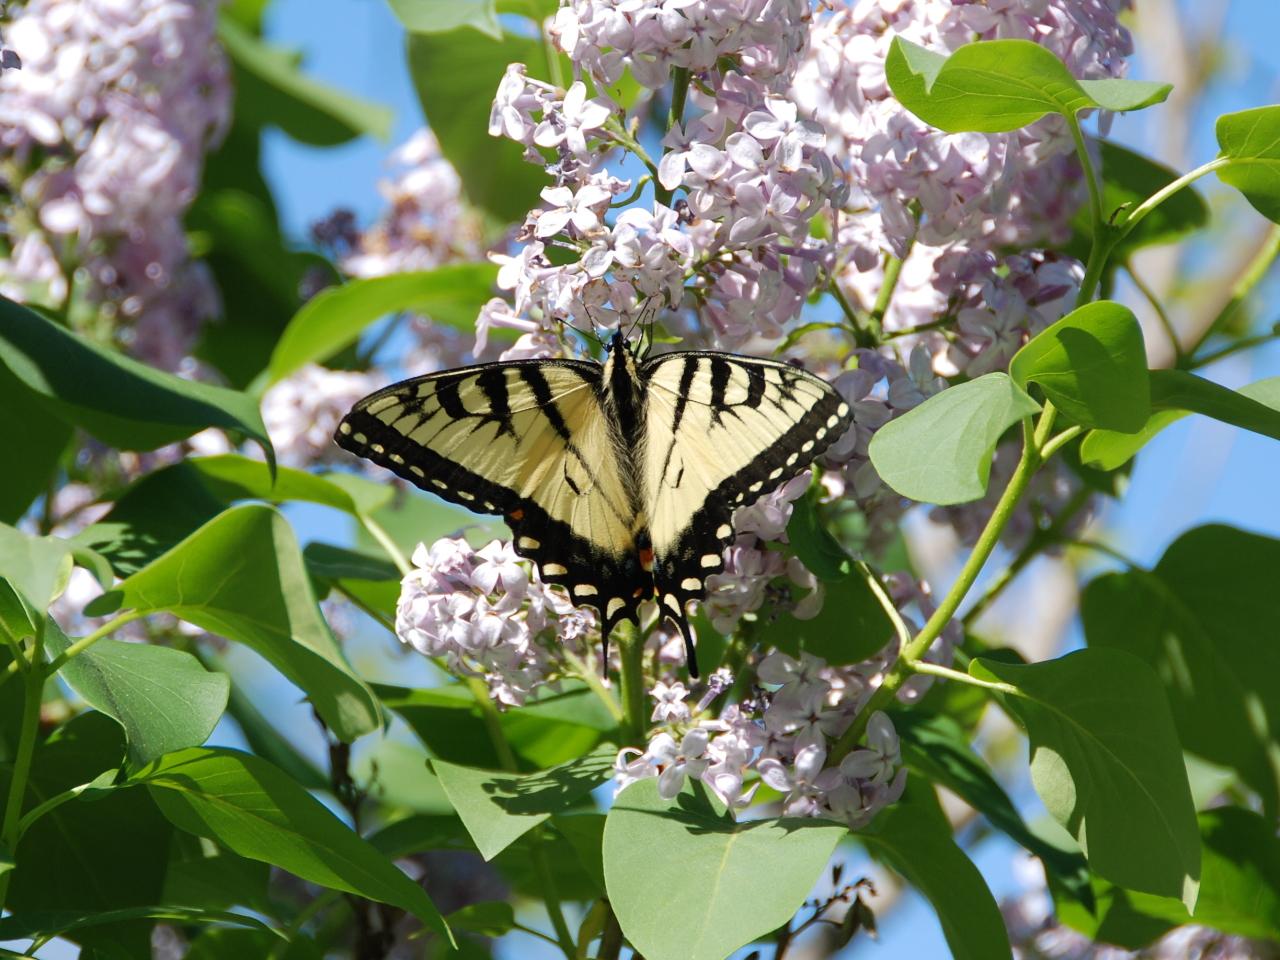 Swallowtail HRA 1280x1024 052009 DSC_6844